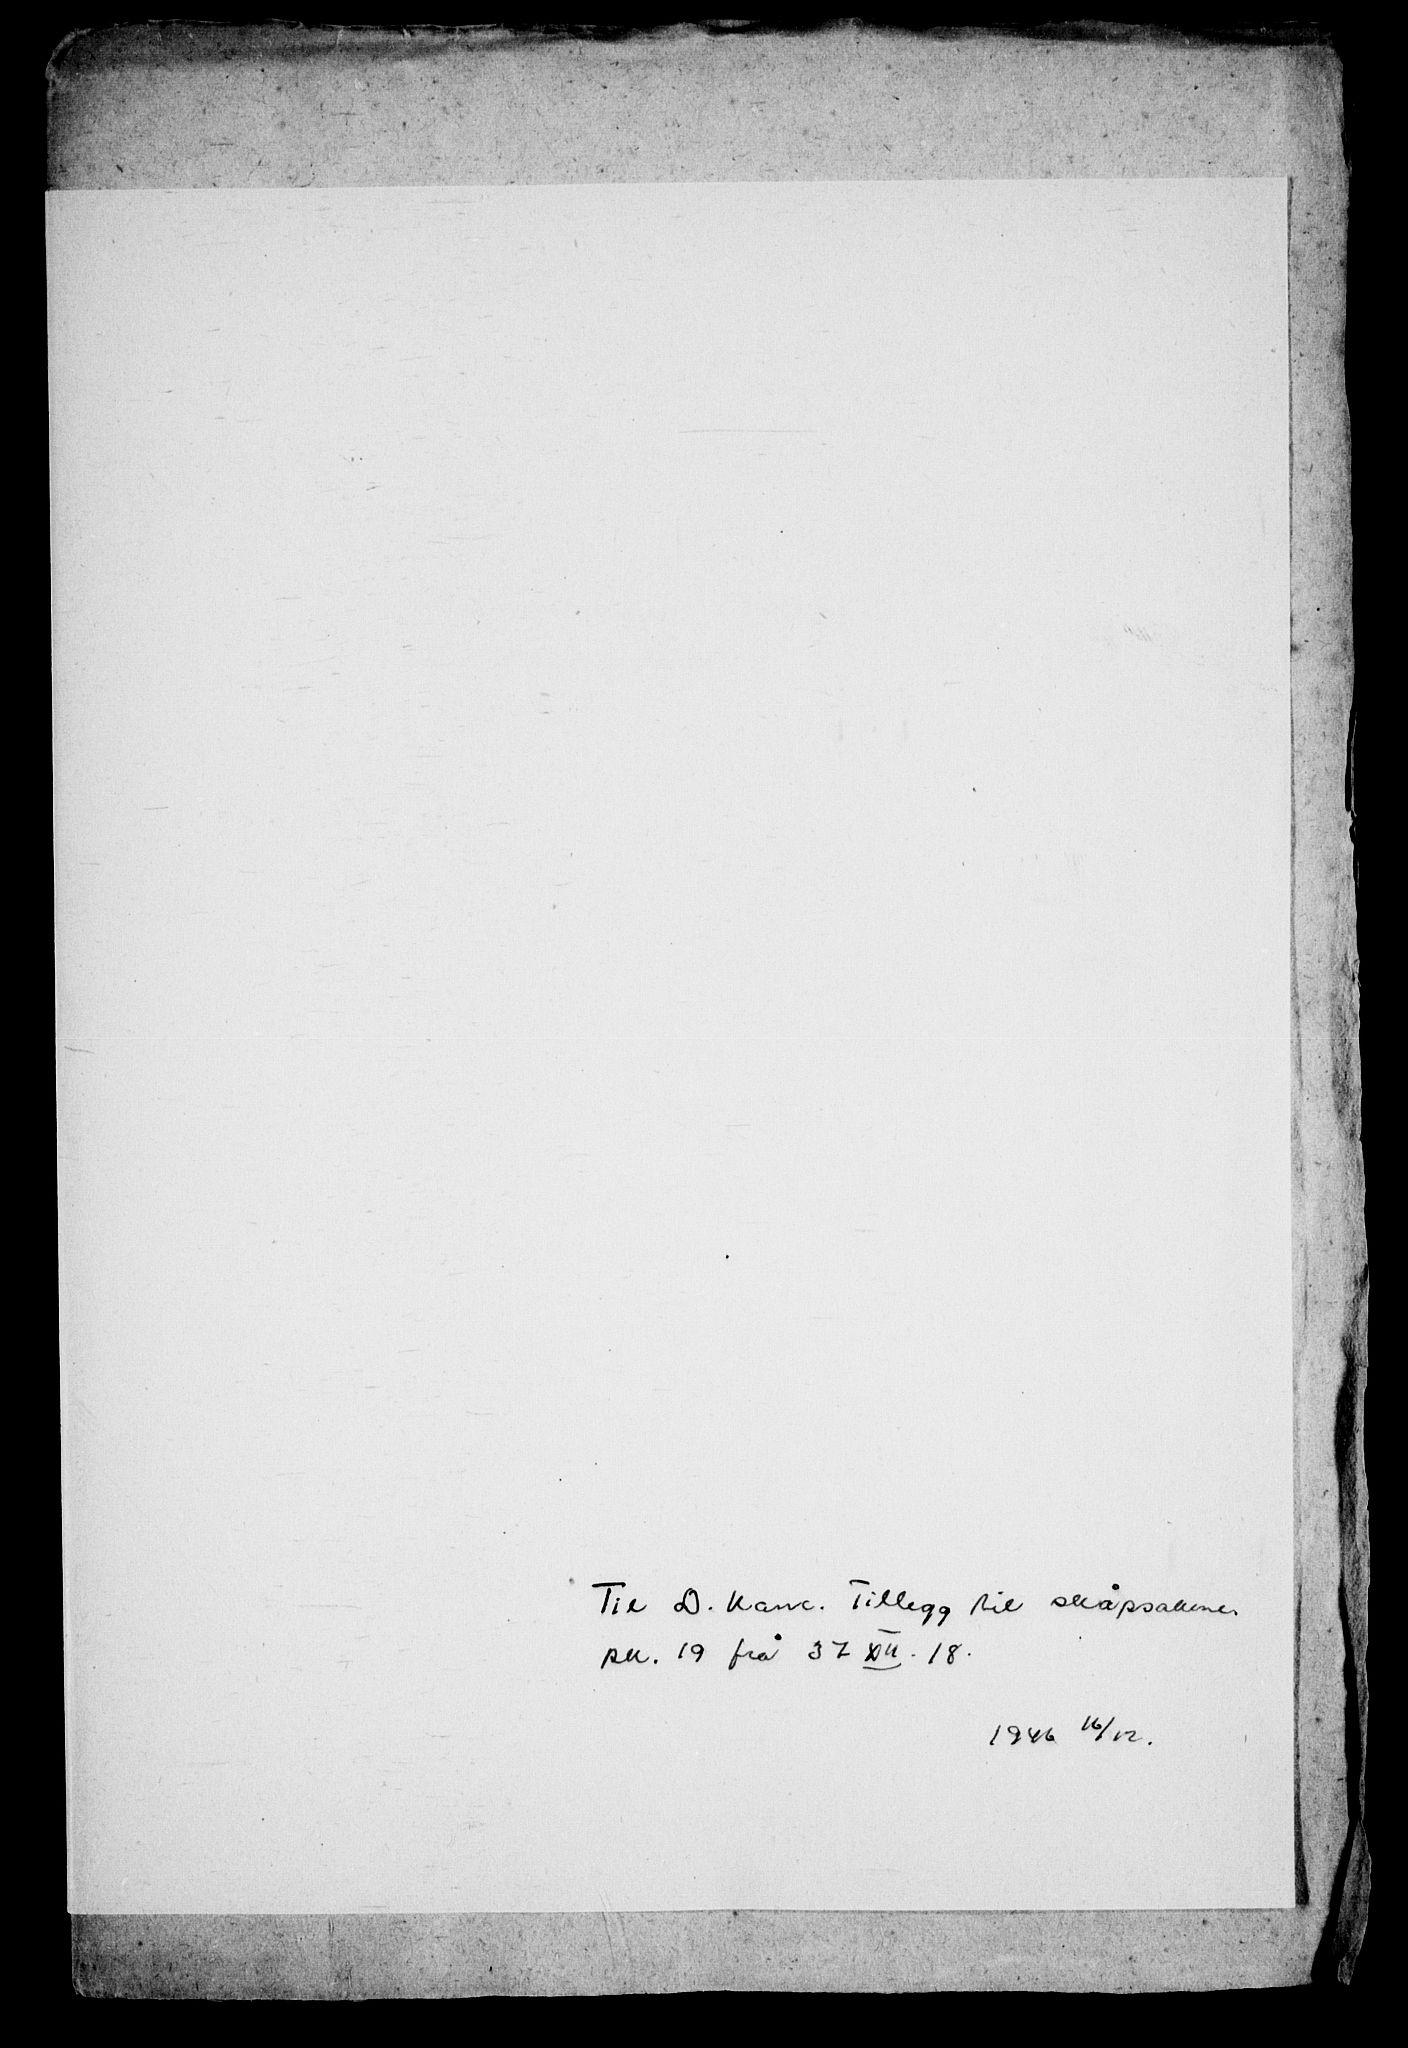 RA, Danske Kanselli, Skapsaker, G/L0019: Tillegg til skapsakene, 1616-1753, s. 114